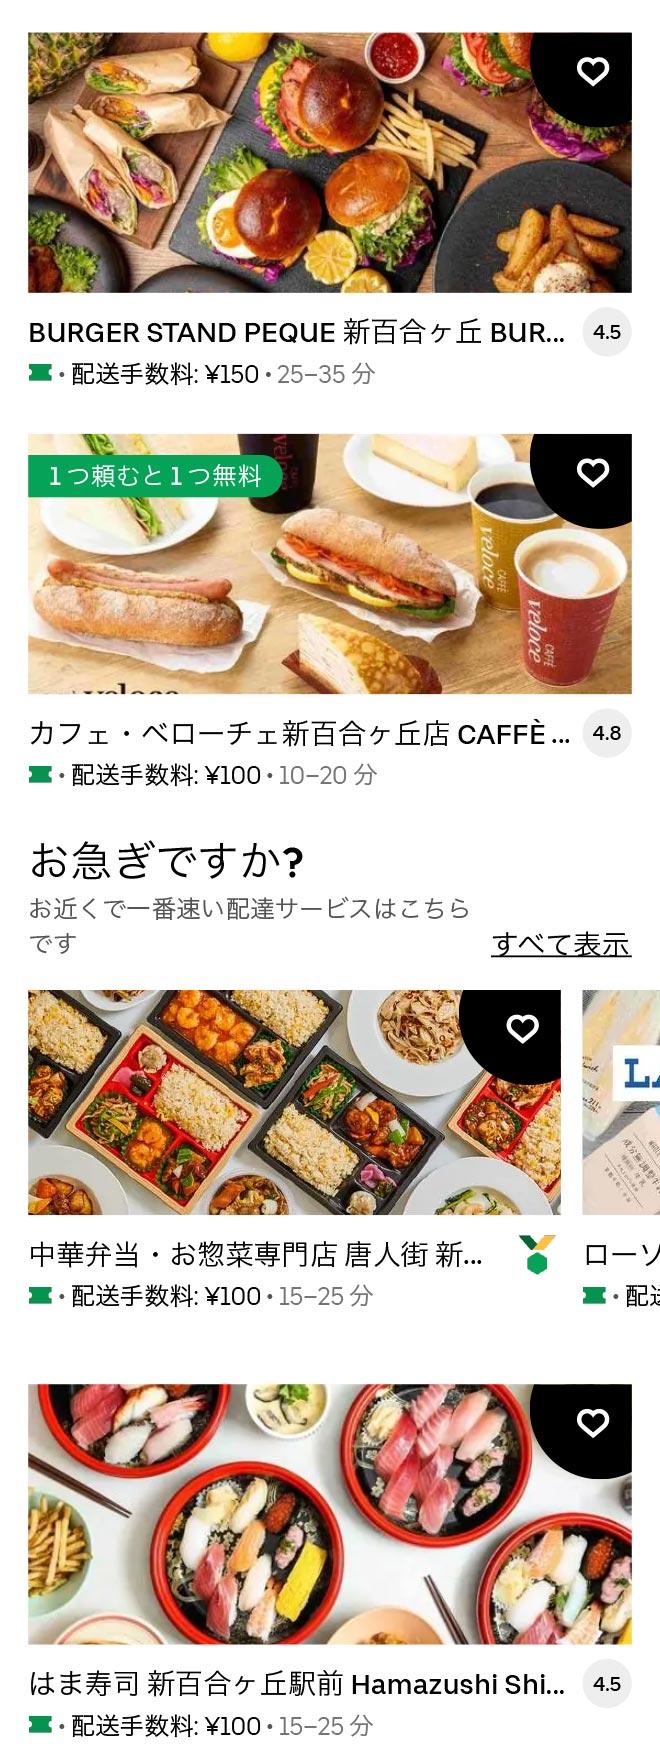 1 u shin yurigaoka 2105 04